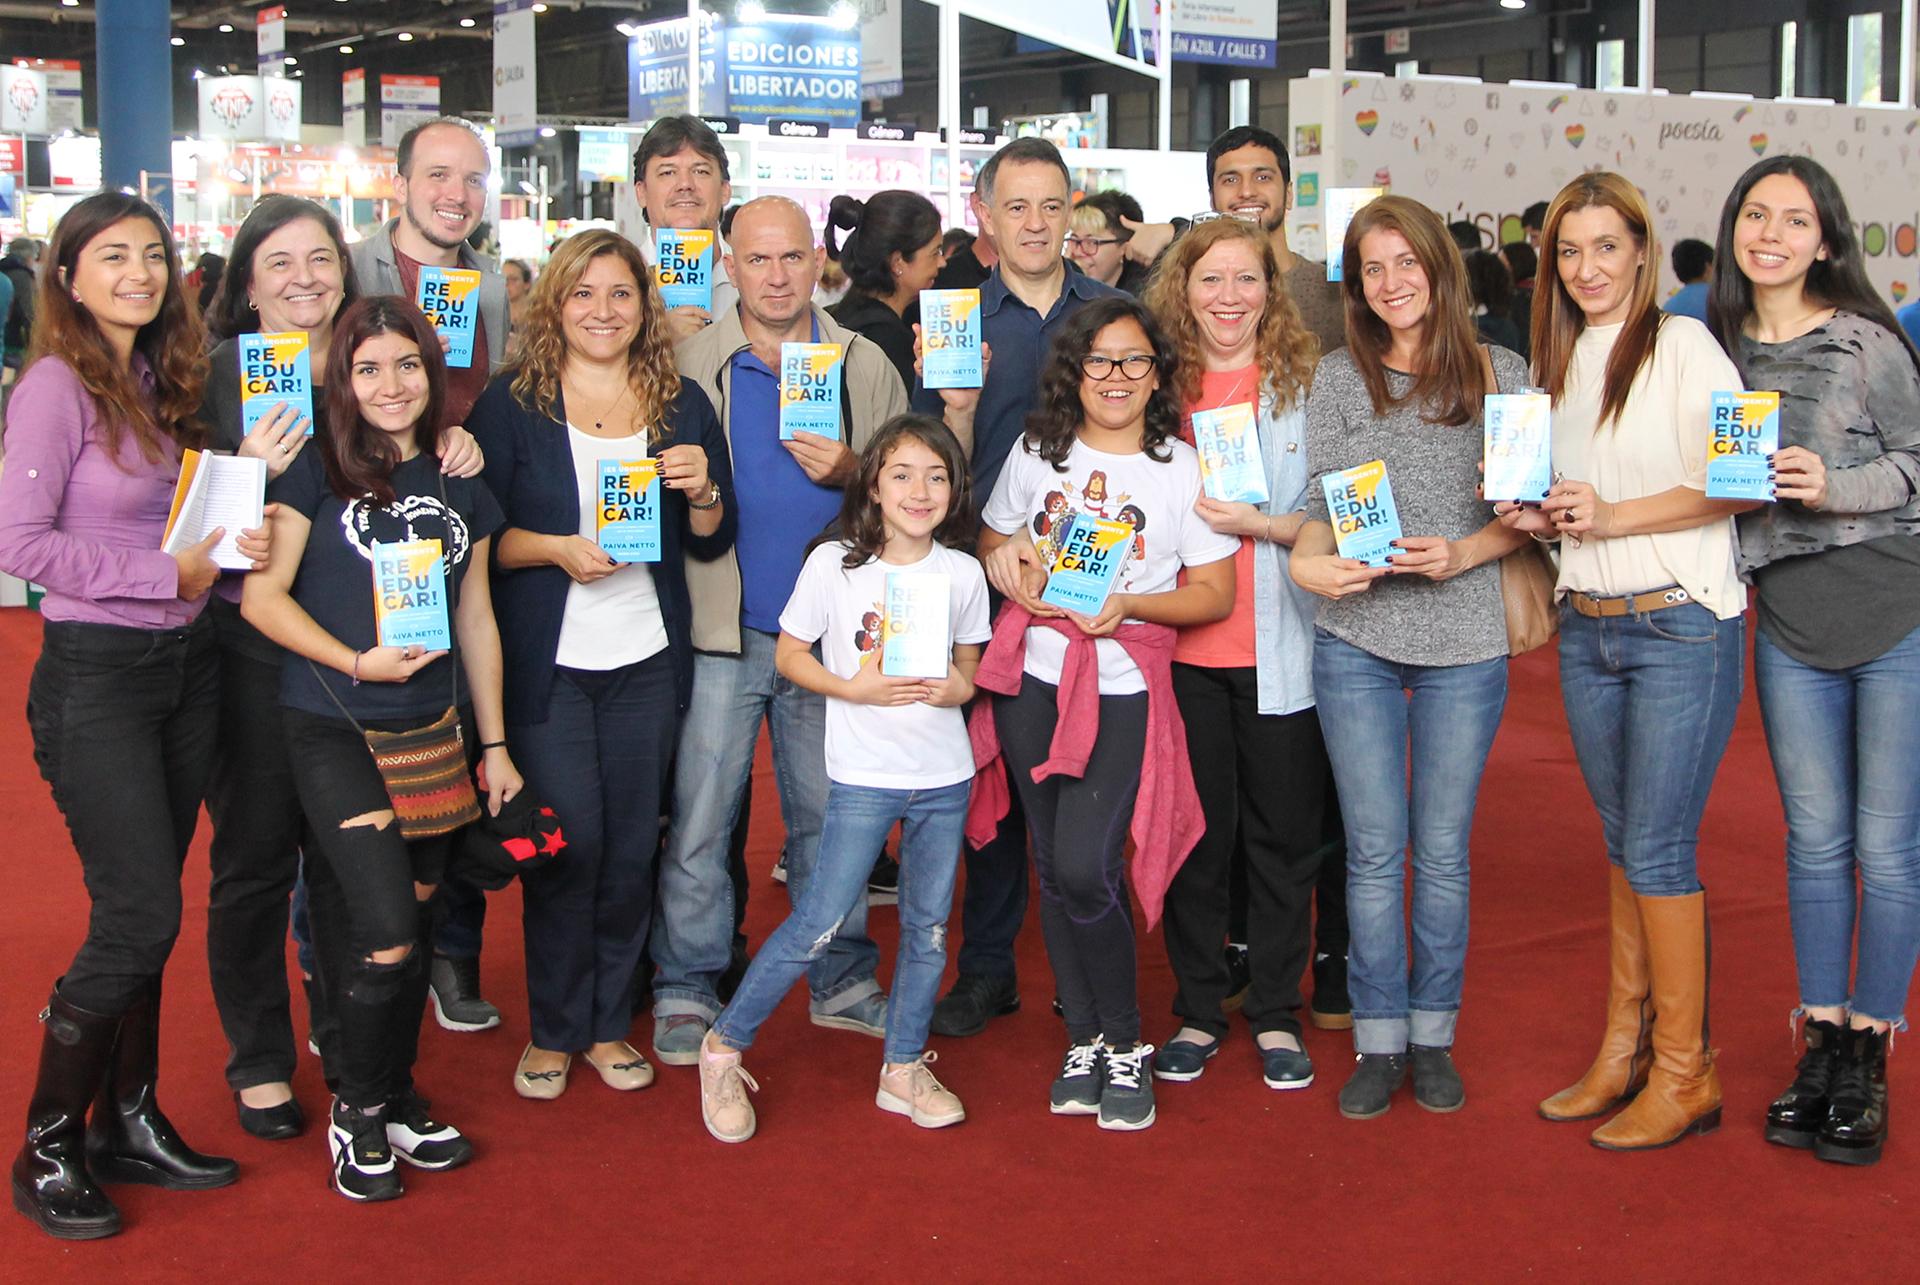 Participantes do Encontro Literário #EuLeioPaivaNetto, realizado na FeiraInternacional do Livro de Buenos Aires, Argentina.